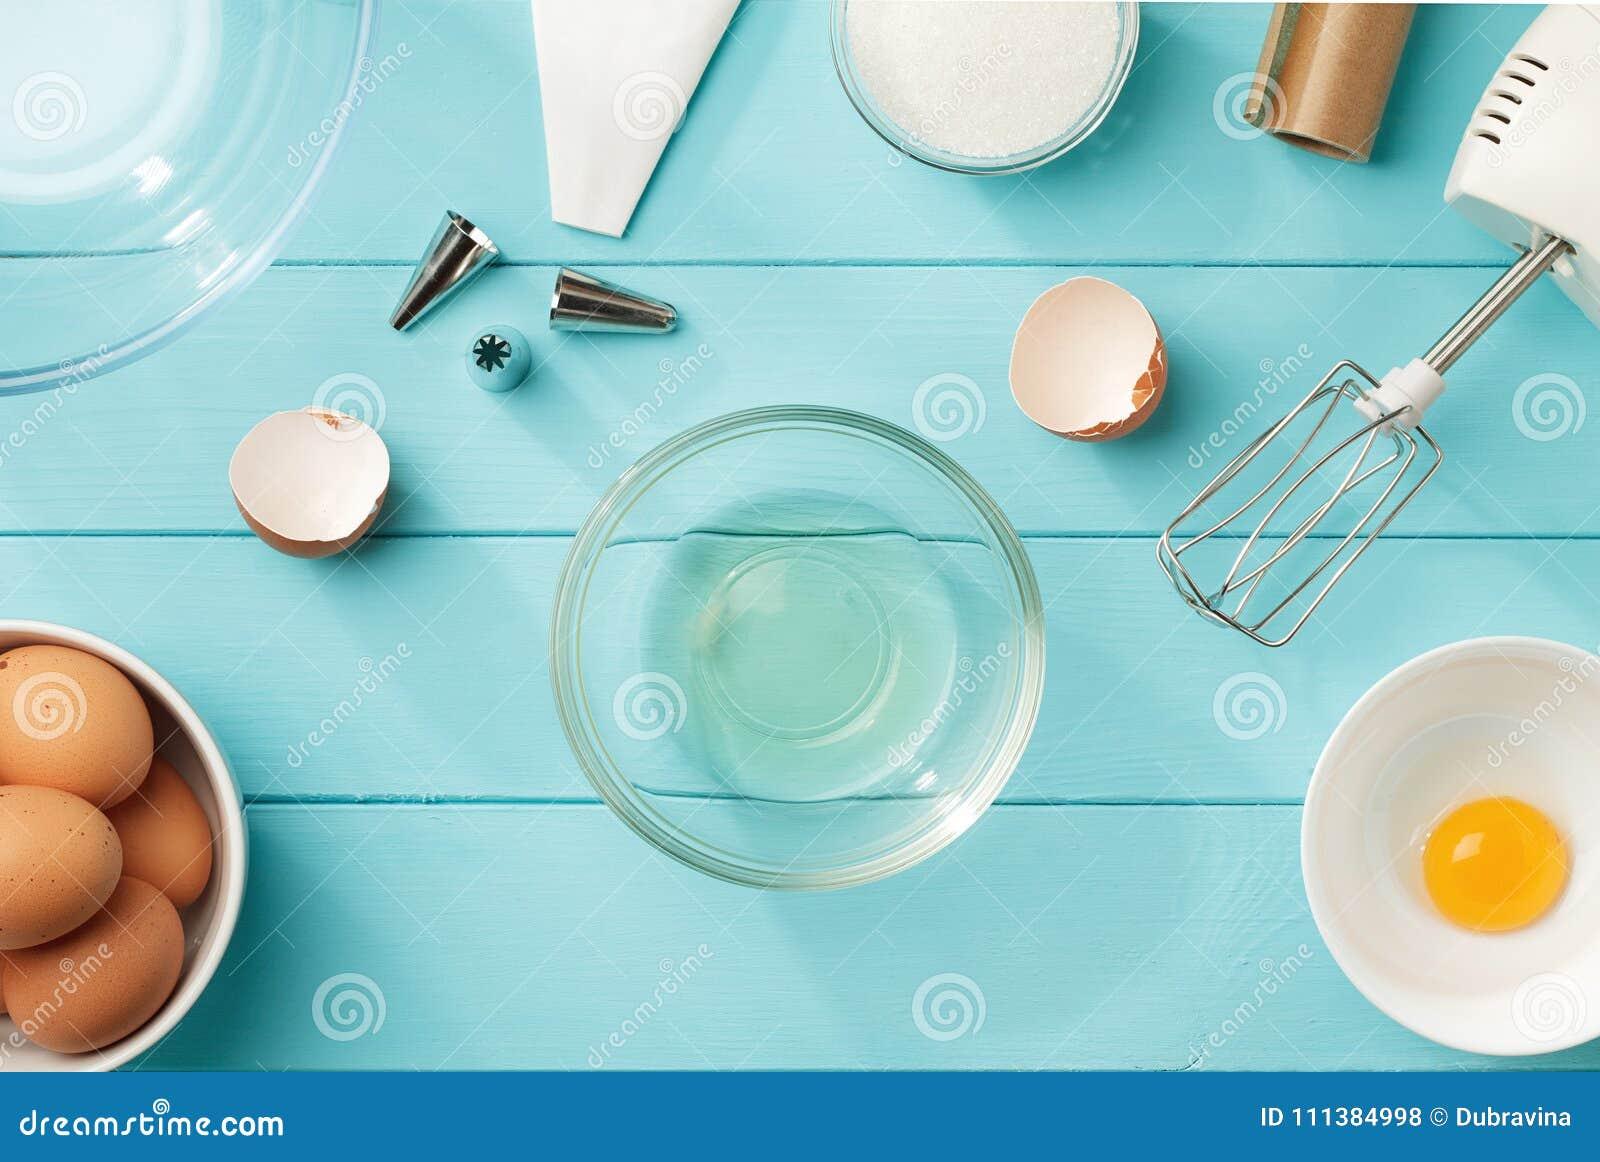 Kulinarny tło z oddzielonymi jajecznymi biel i yolks w pucharach na błękitnym drewnianym stole